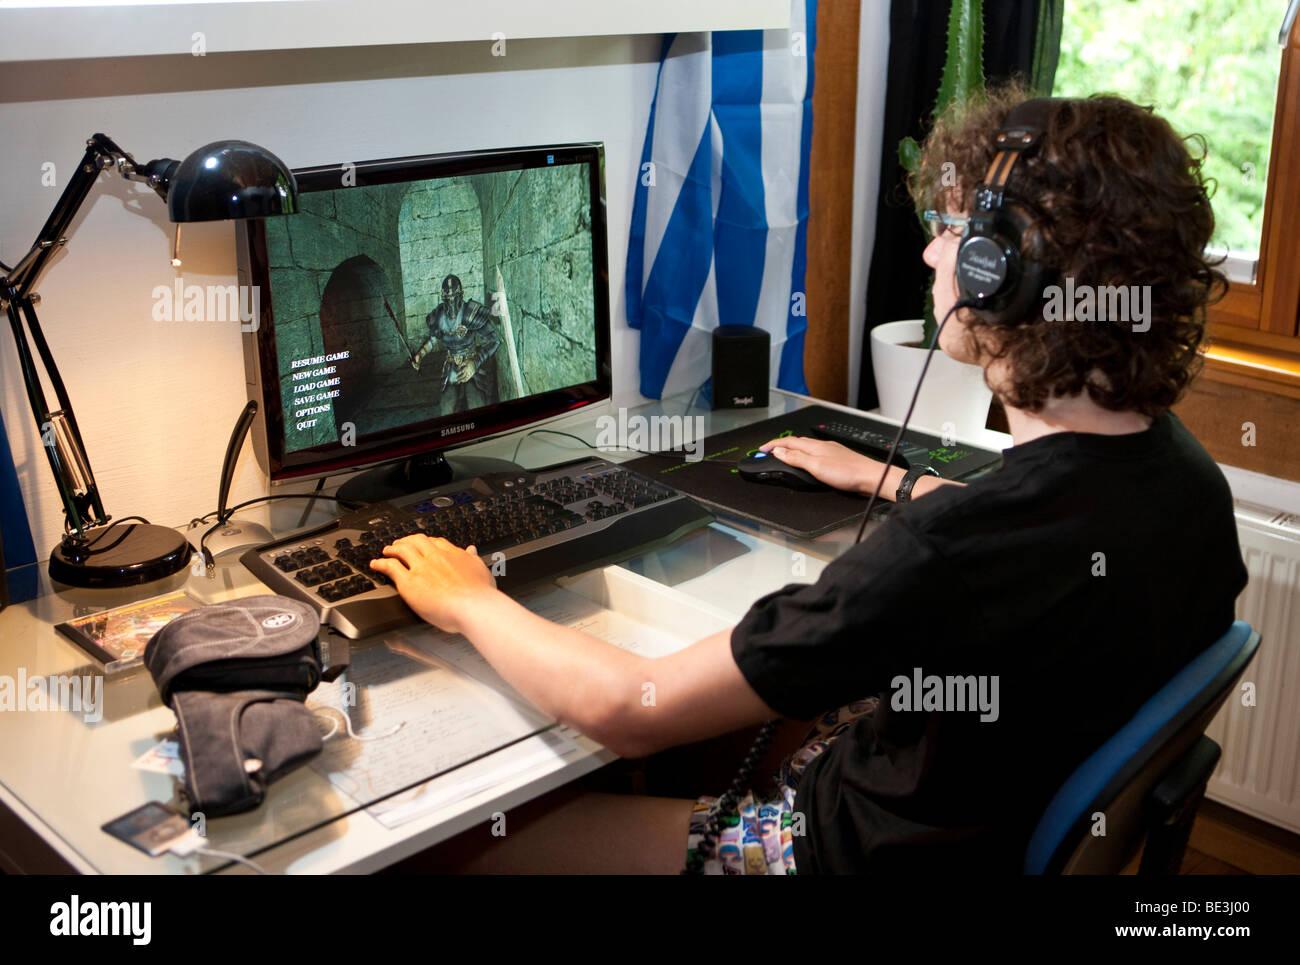 Un muchacho, de unos 15 años, jugando a un juego violento en el ordenador en su habitación, Alemania, Imagen De Stock